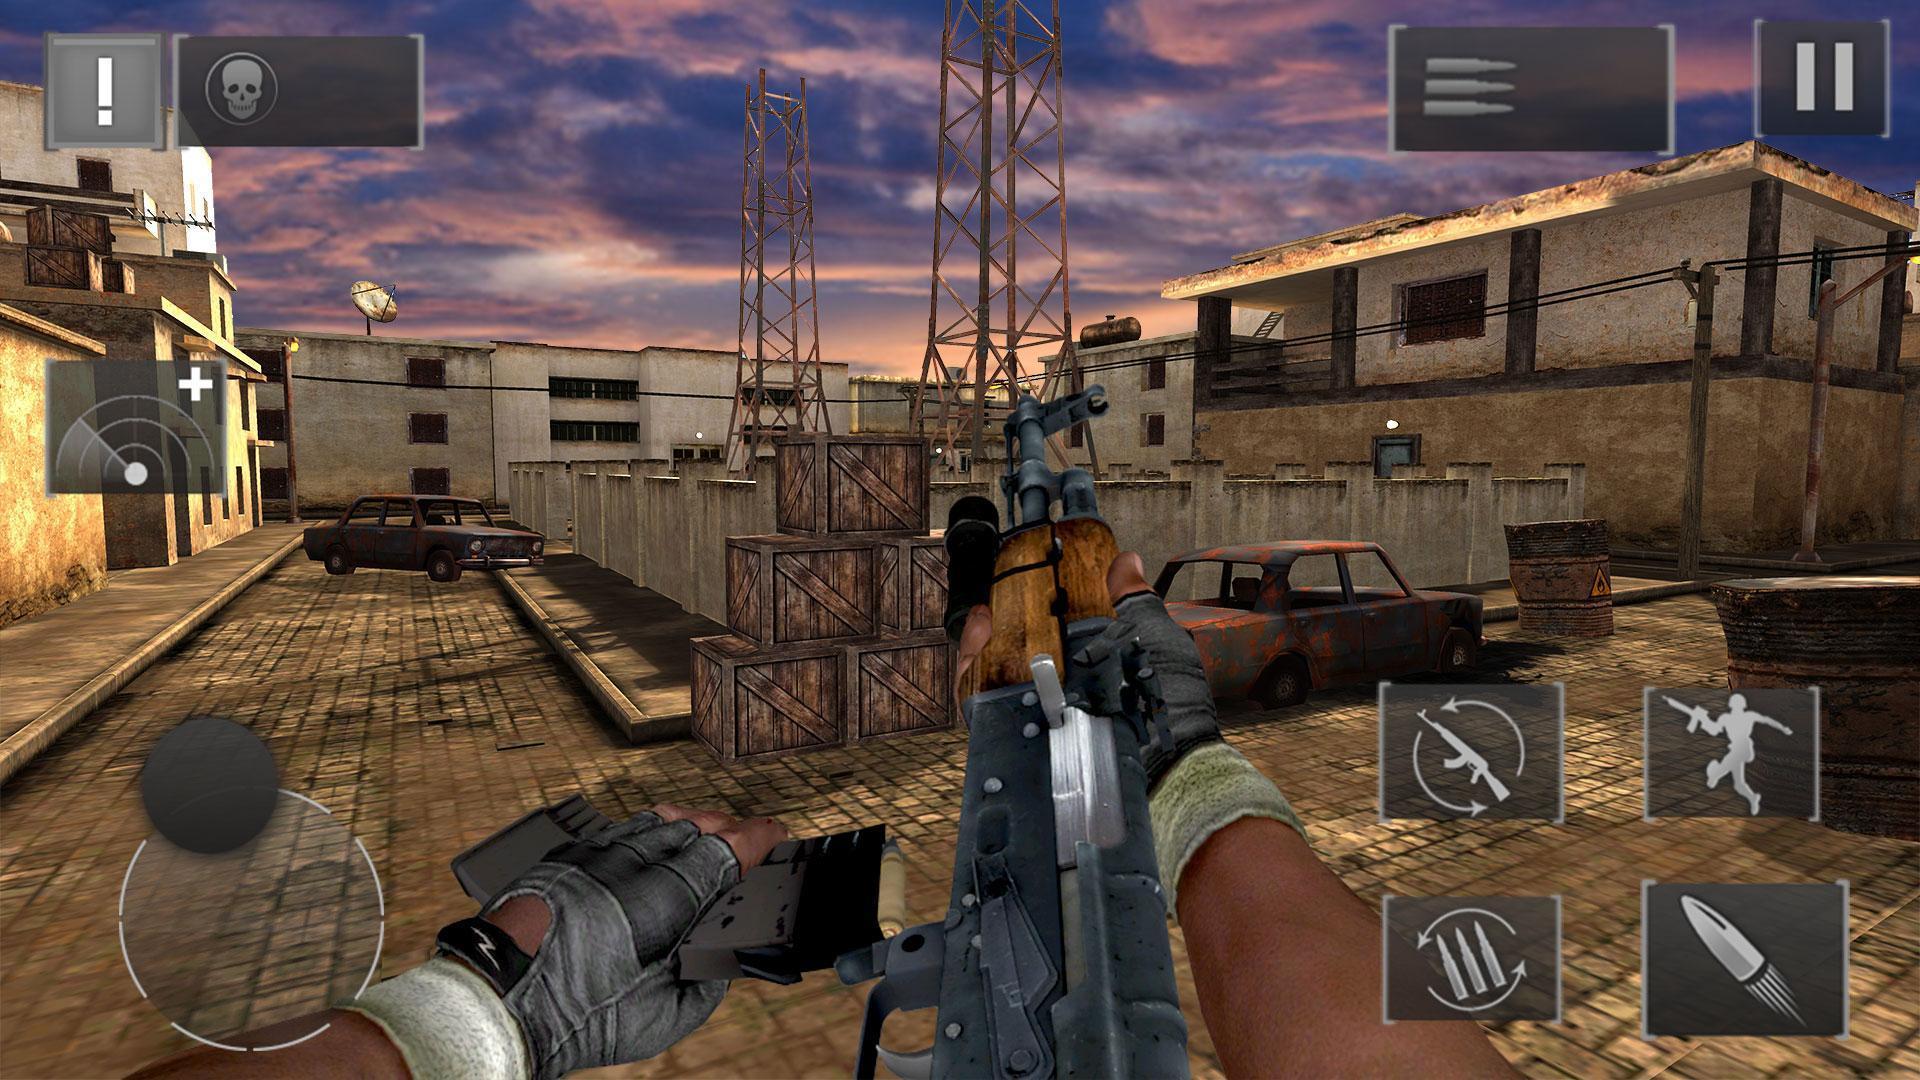 Игры стрелялки играть в карты казино вулкан онлайн реальные отзывы